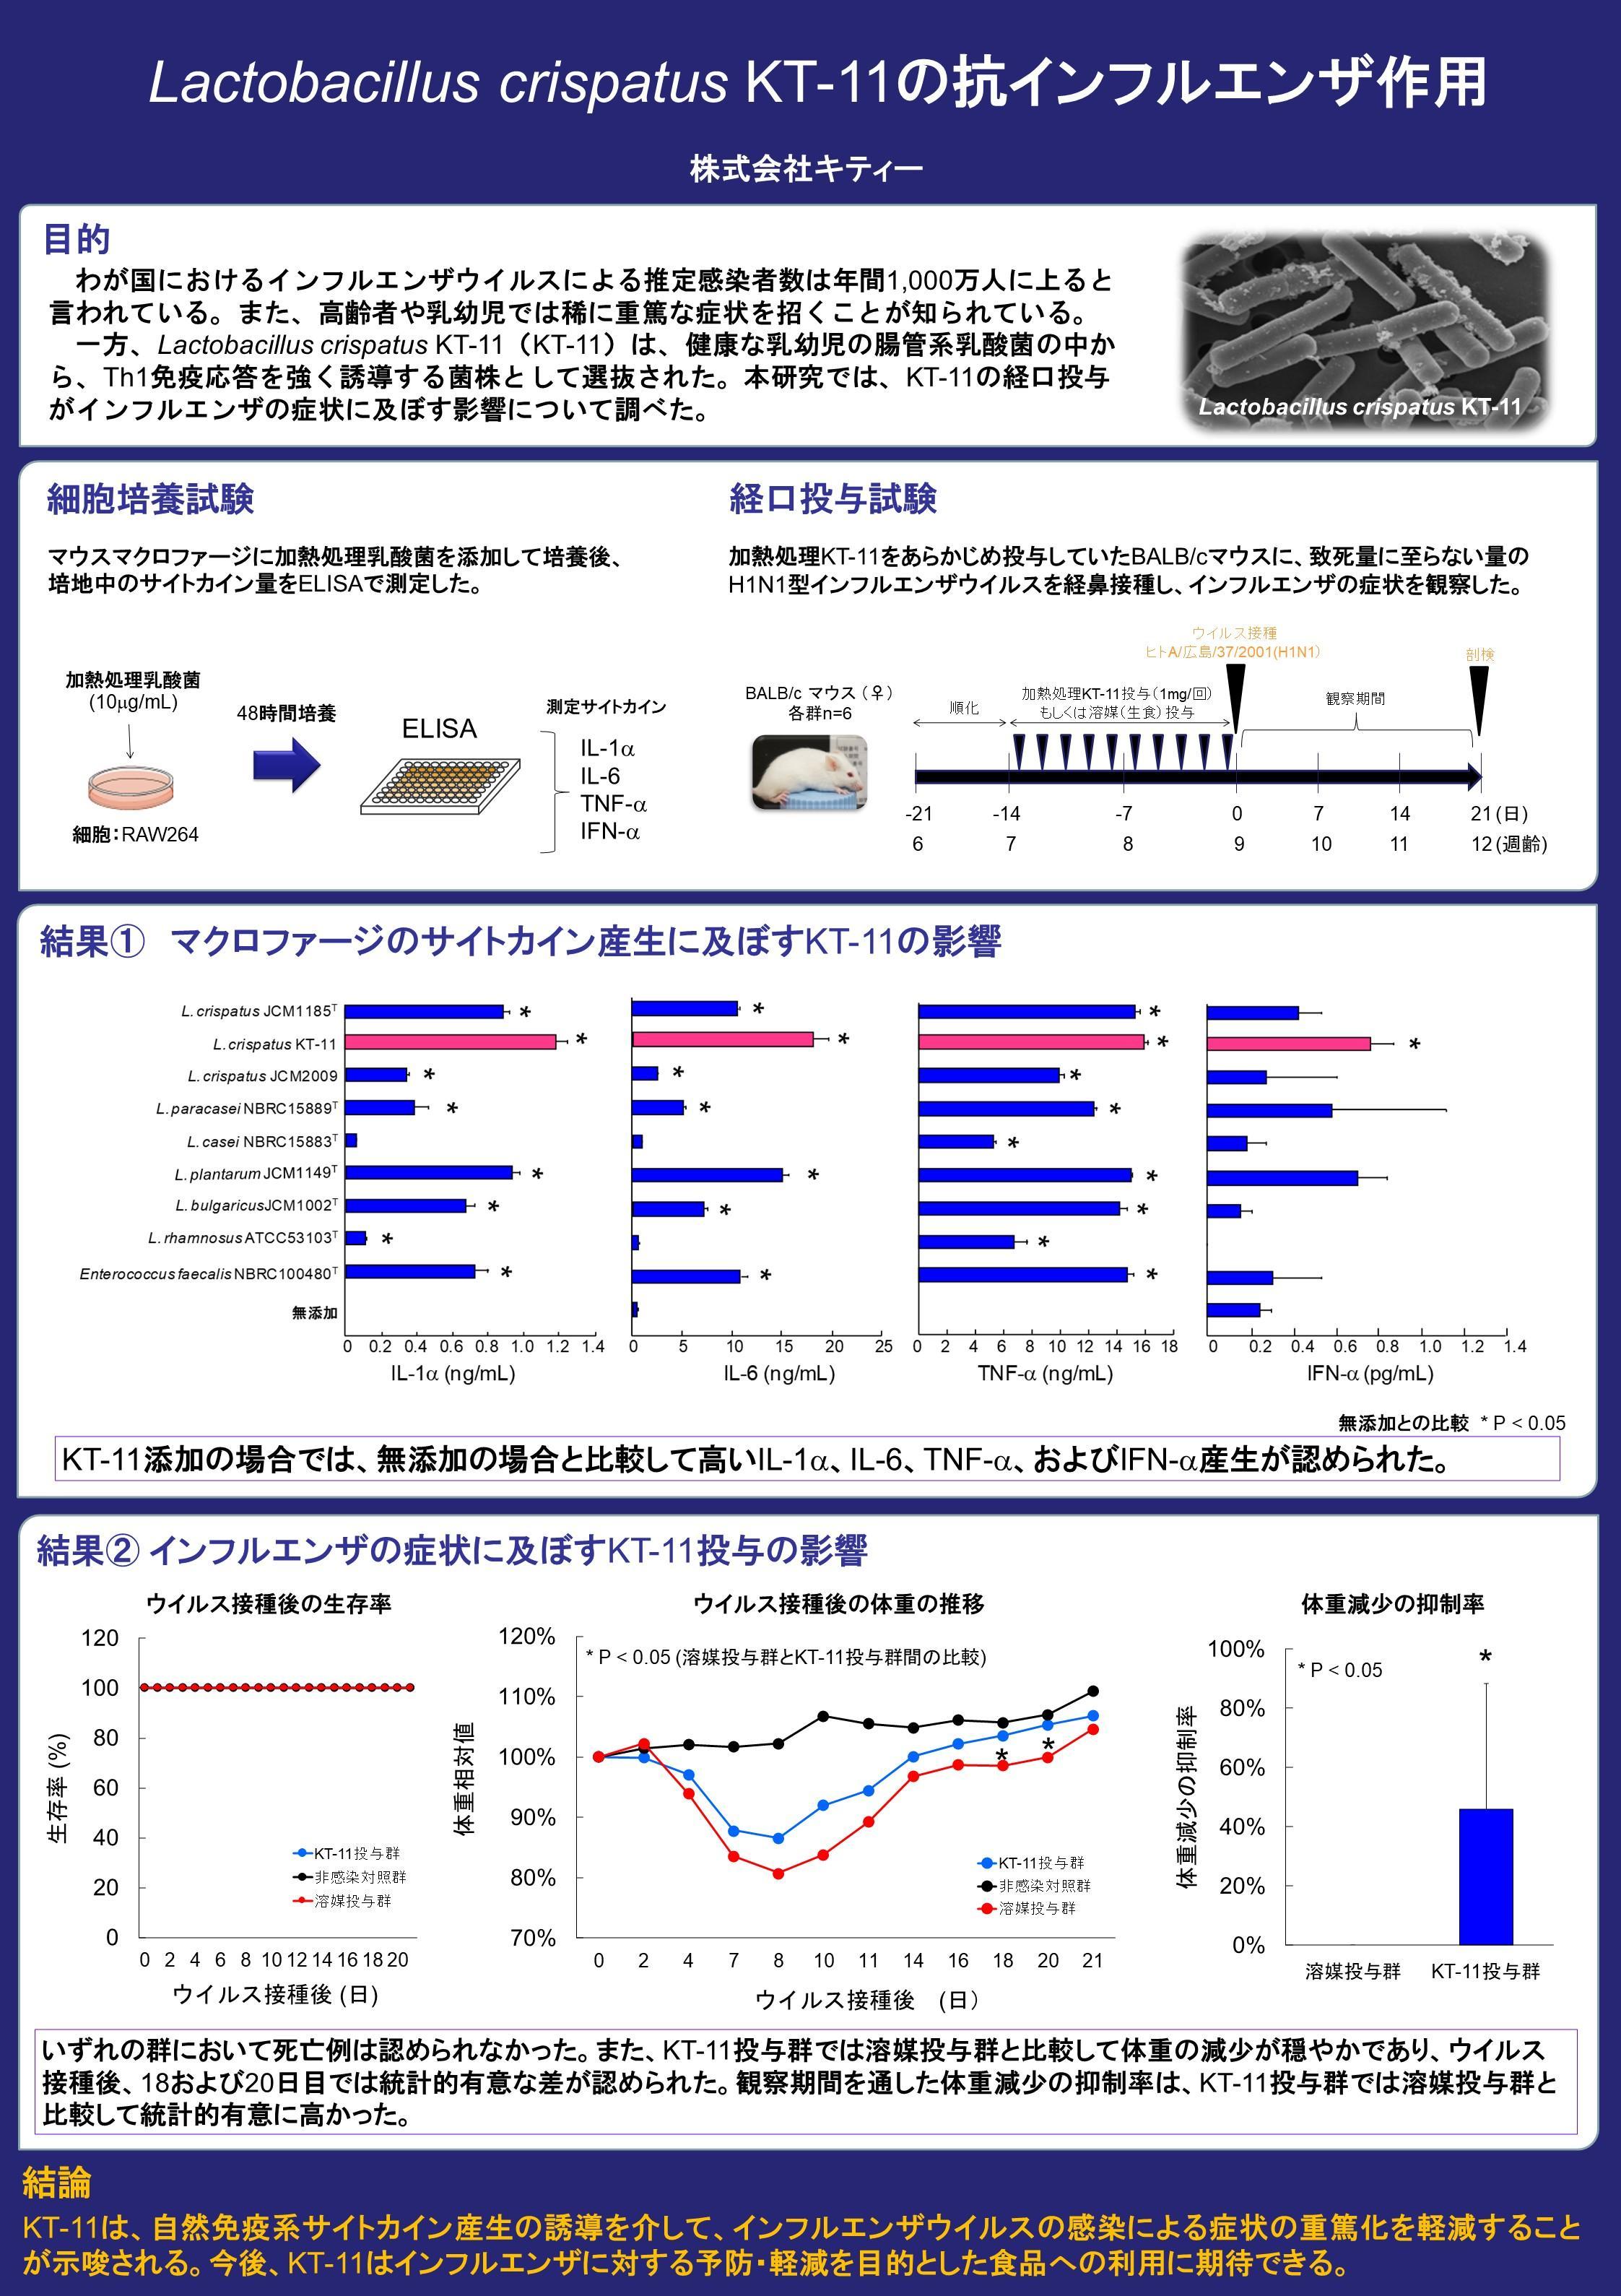 2013年9月 日本酪農科学会(20130906最終).jpg